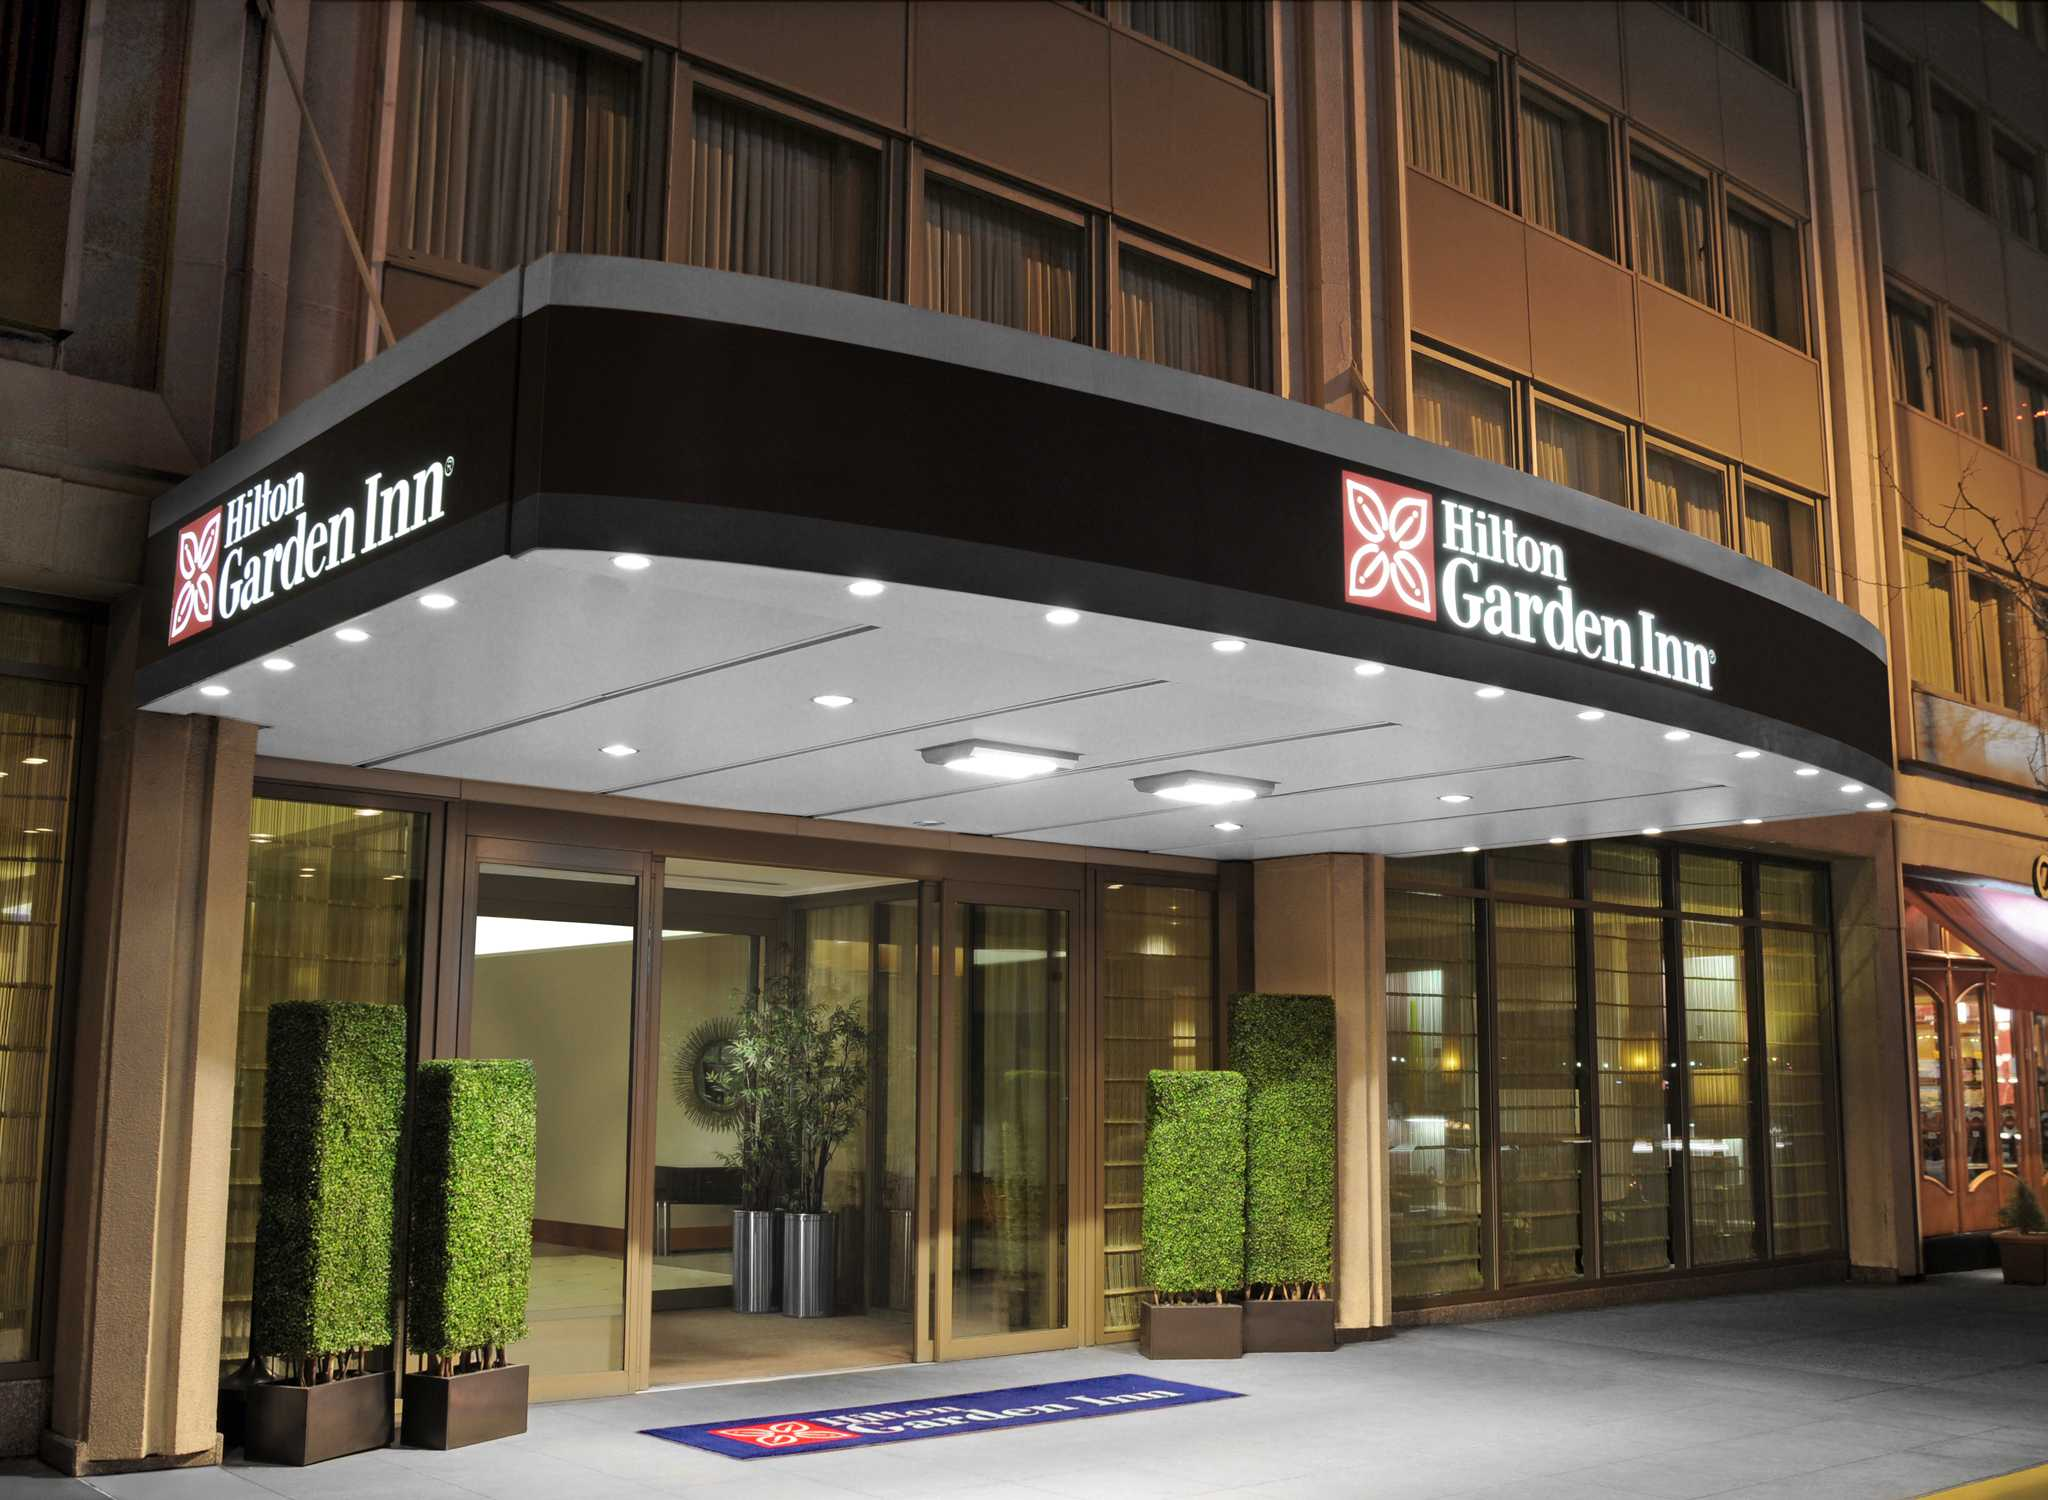 Hilton Garden Inn New York Midtown Park Avenue Hotel Autos Post